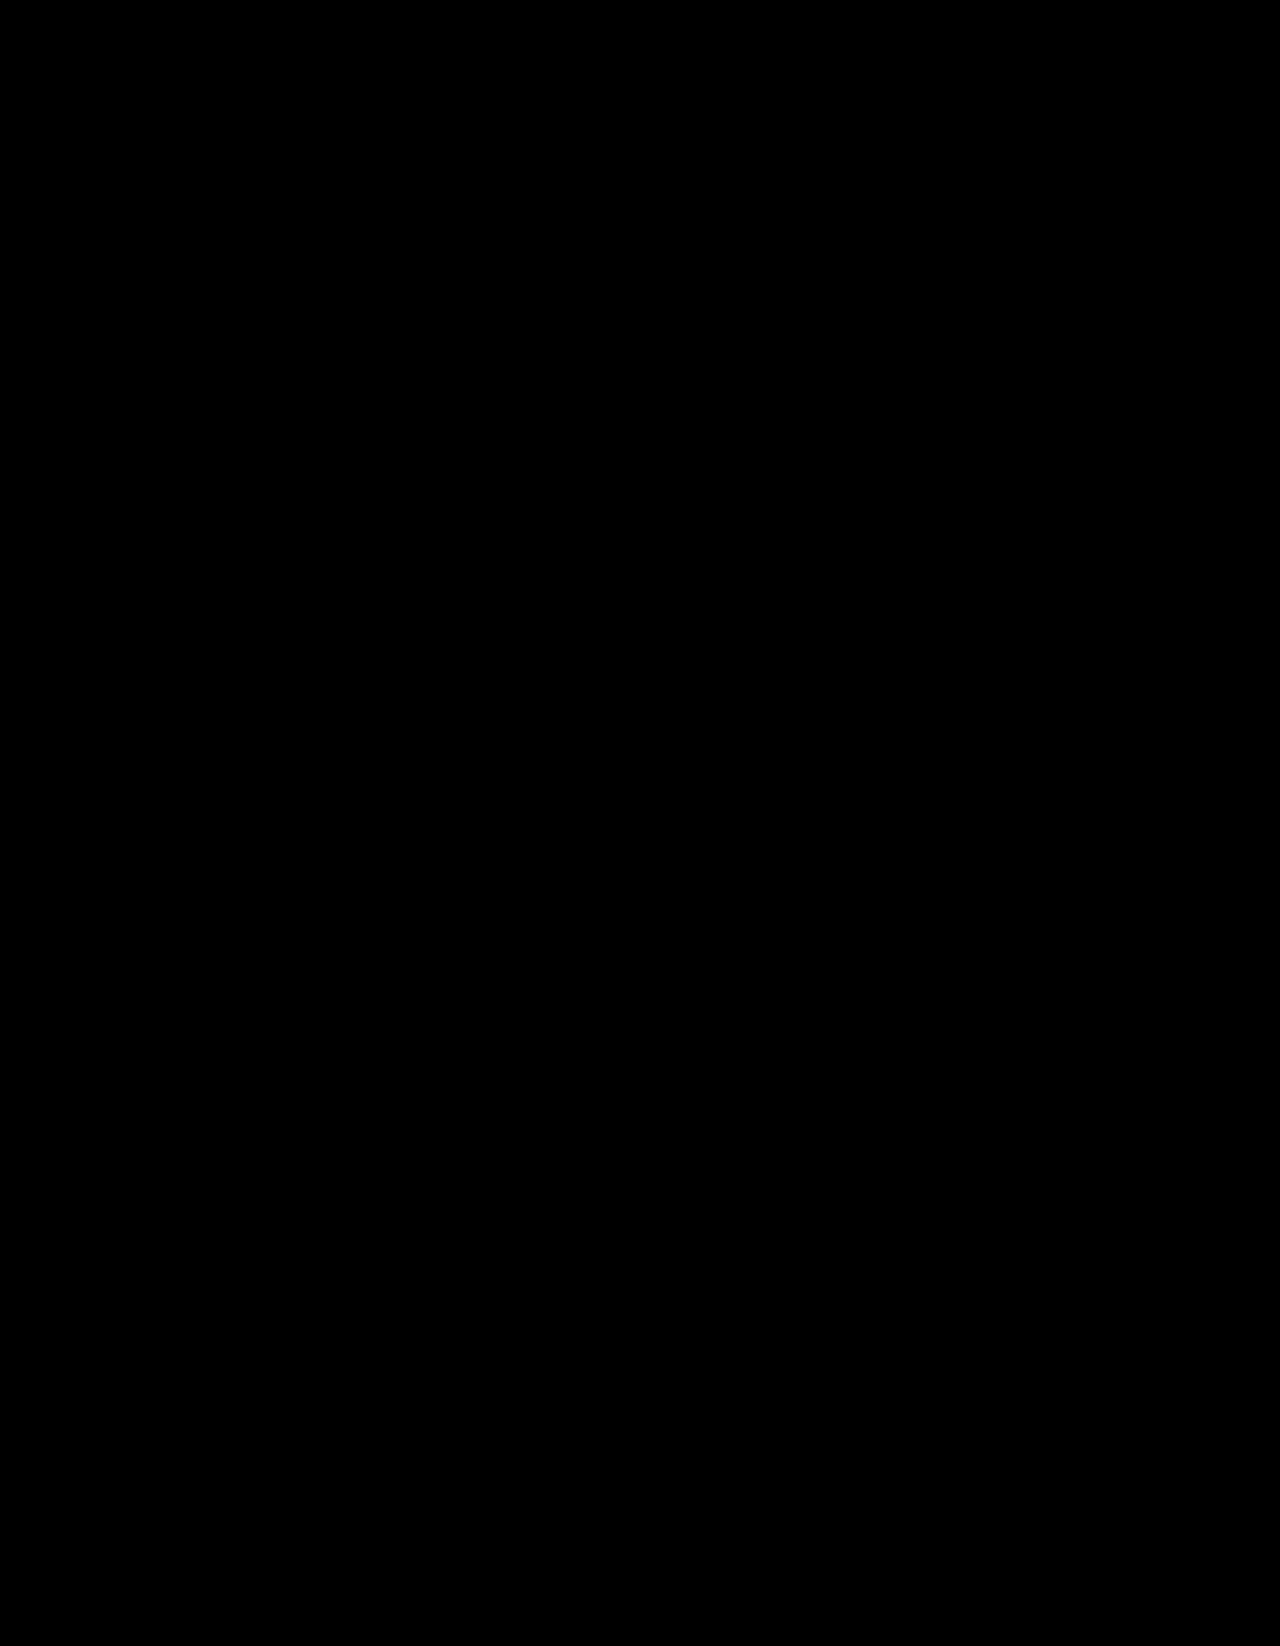 Hahaoya ga Musuko no Chinpo o Seitsuu saseru no wa Atarimae 39